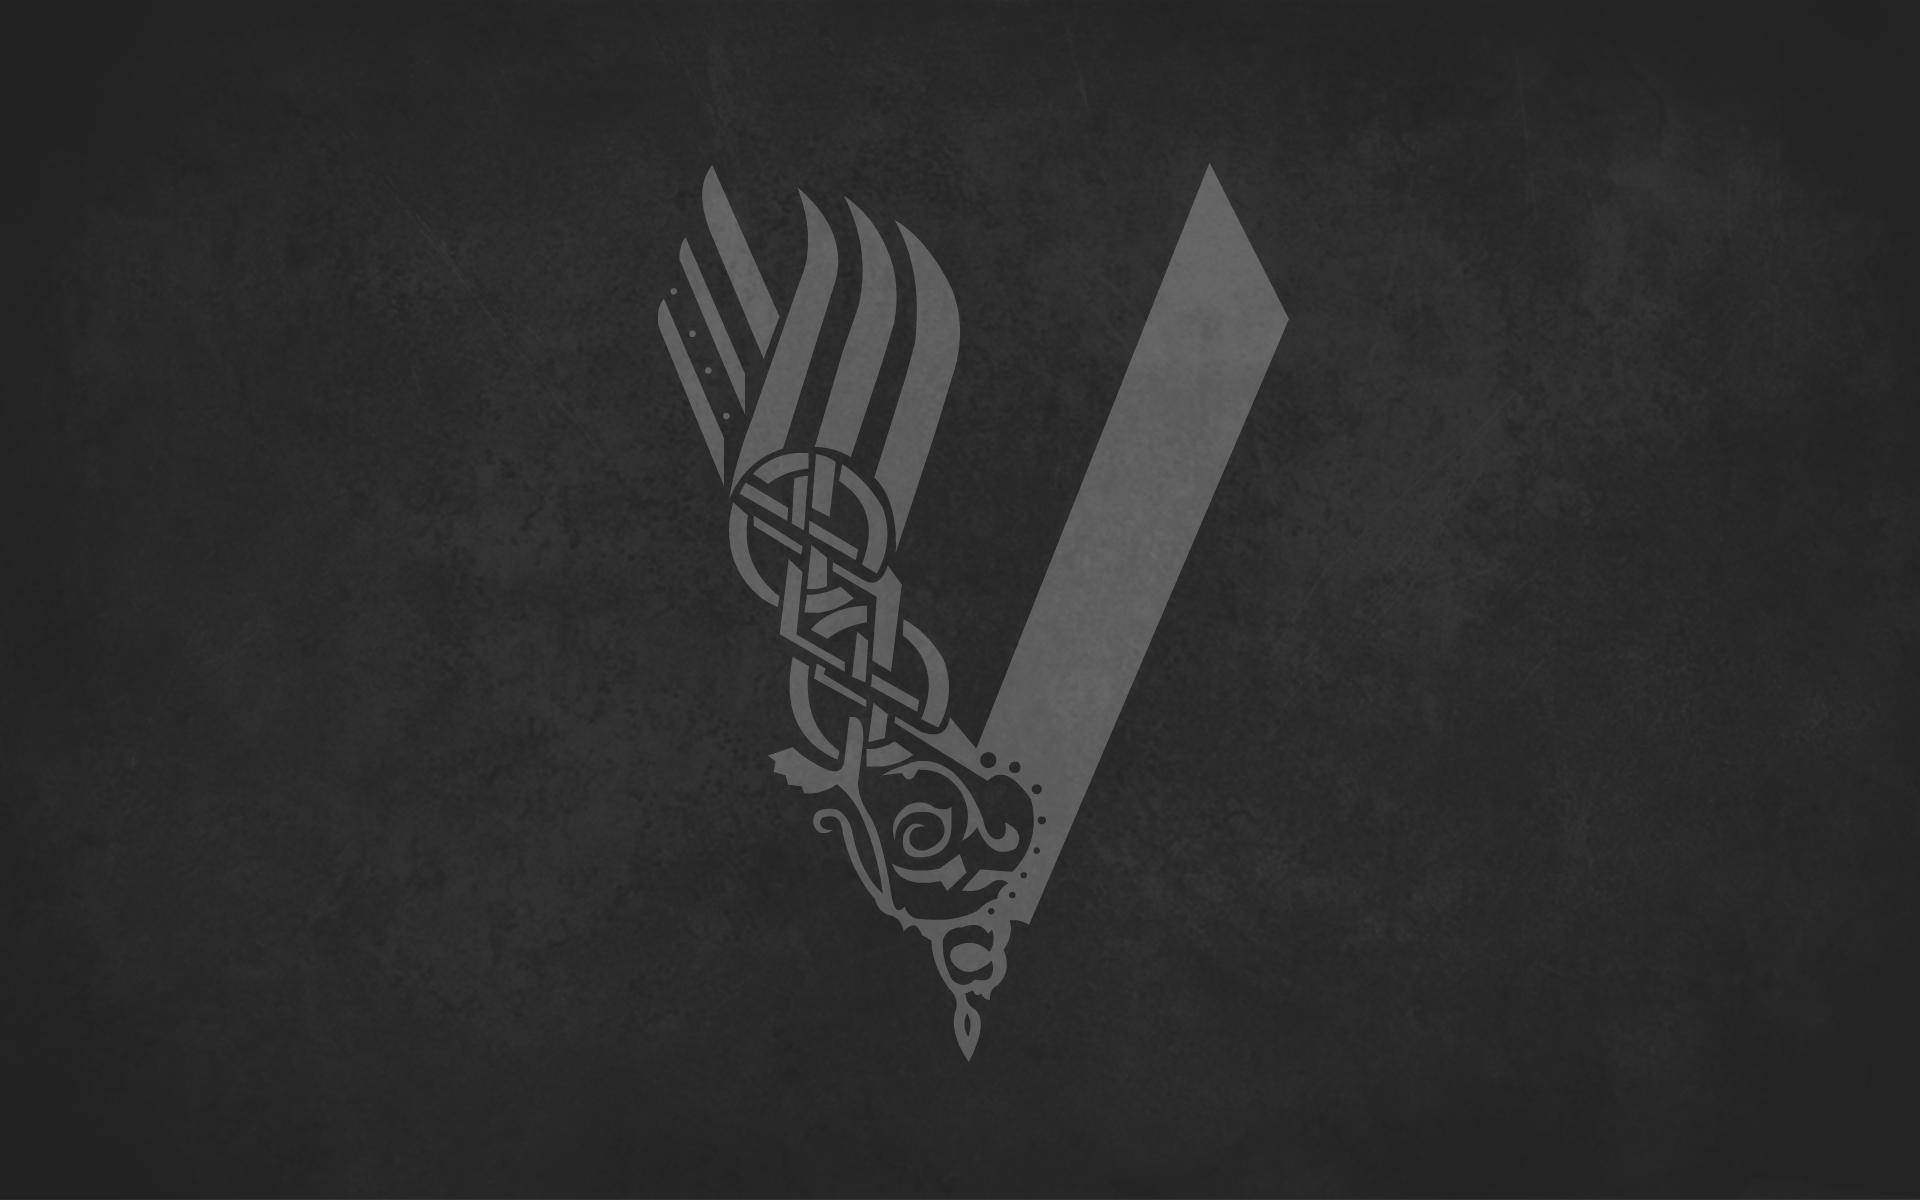 Download 7000 Wallpaper Black Viking  Paling Baru